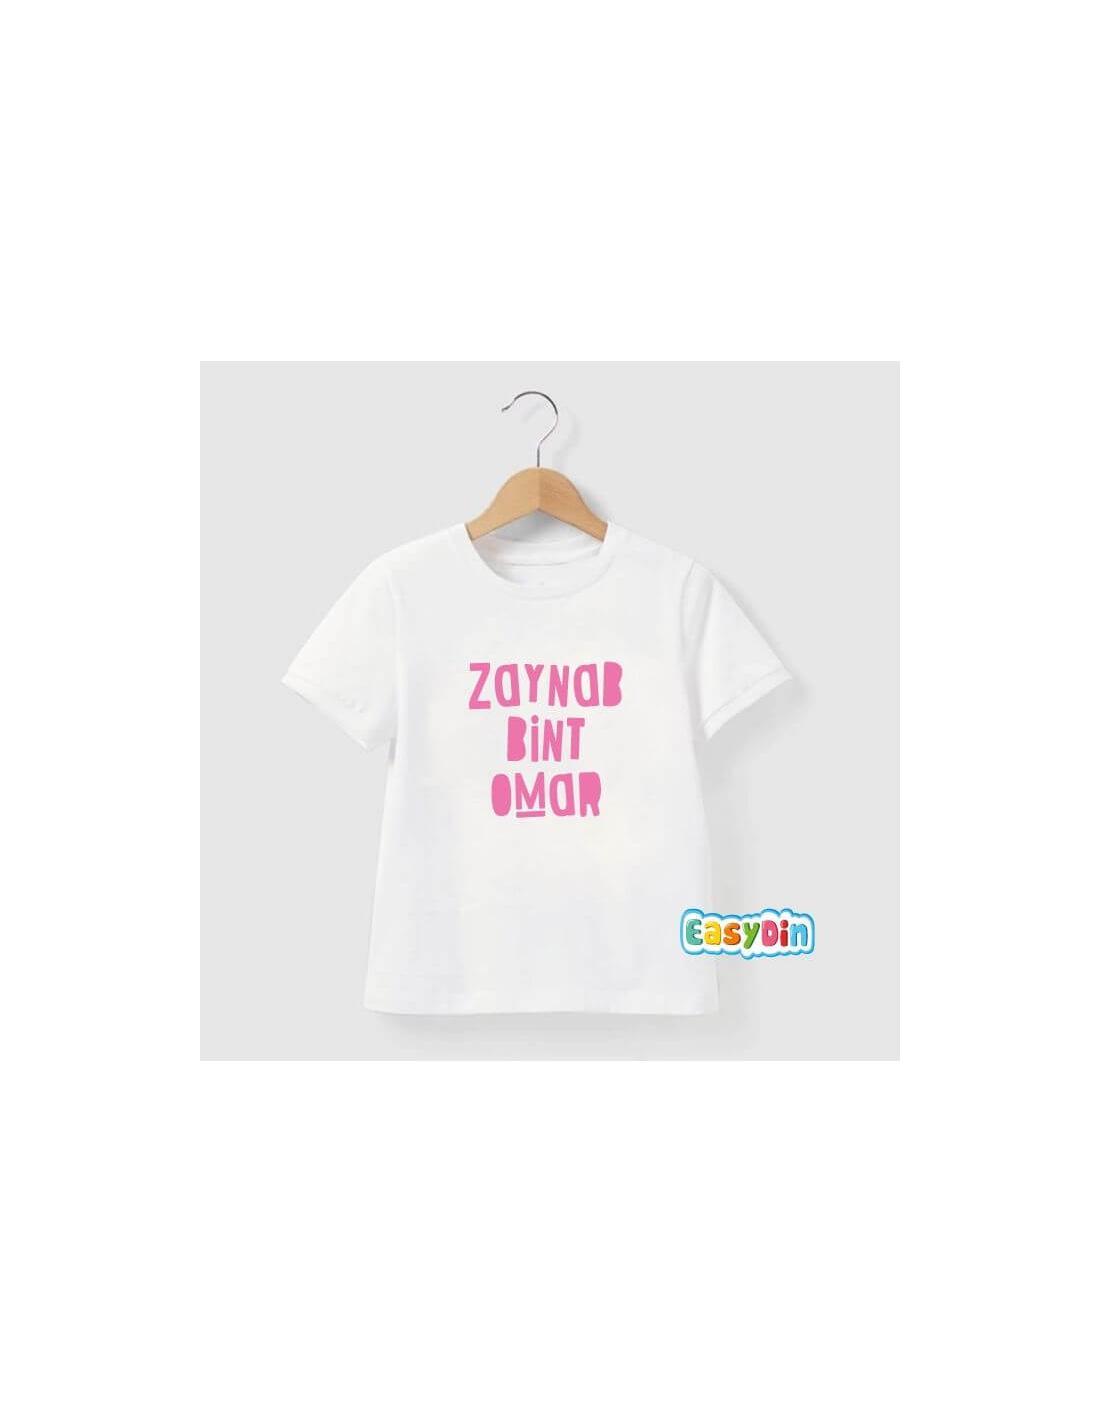 tee shirt bint personnalisable